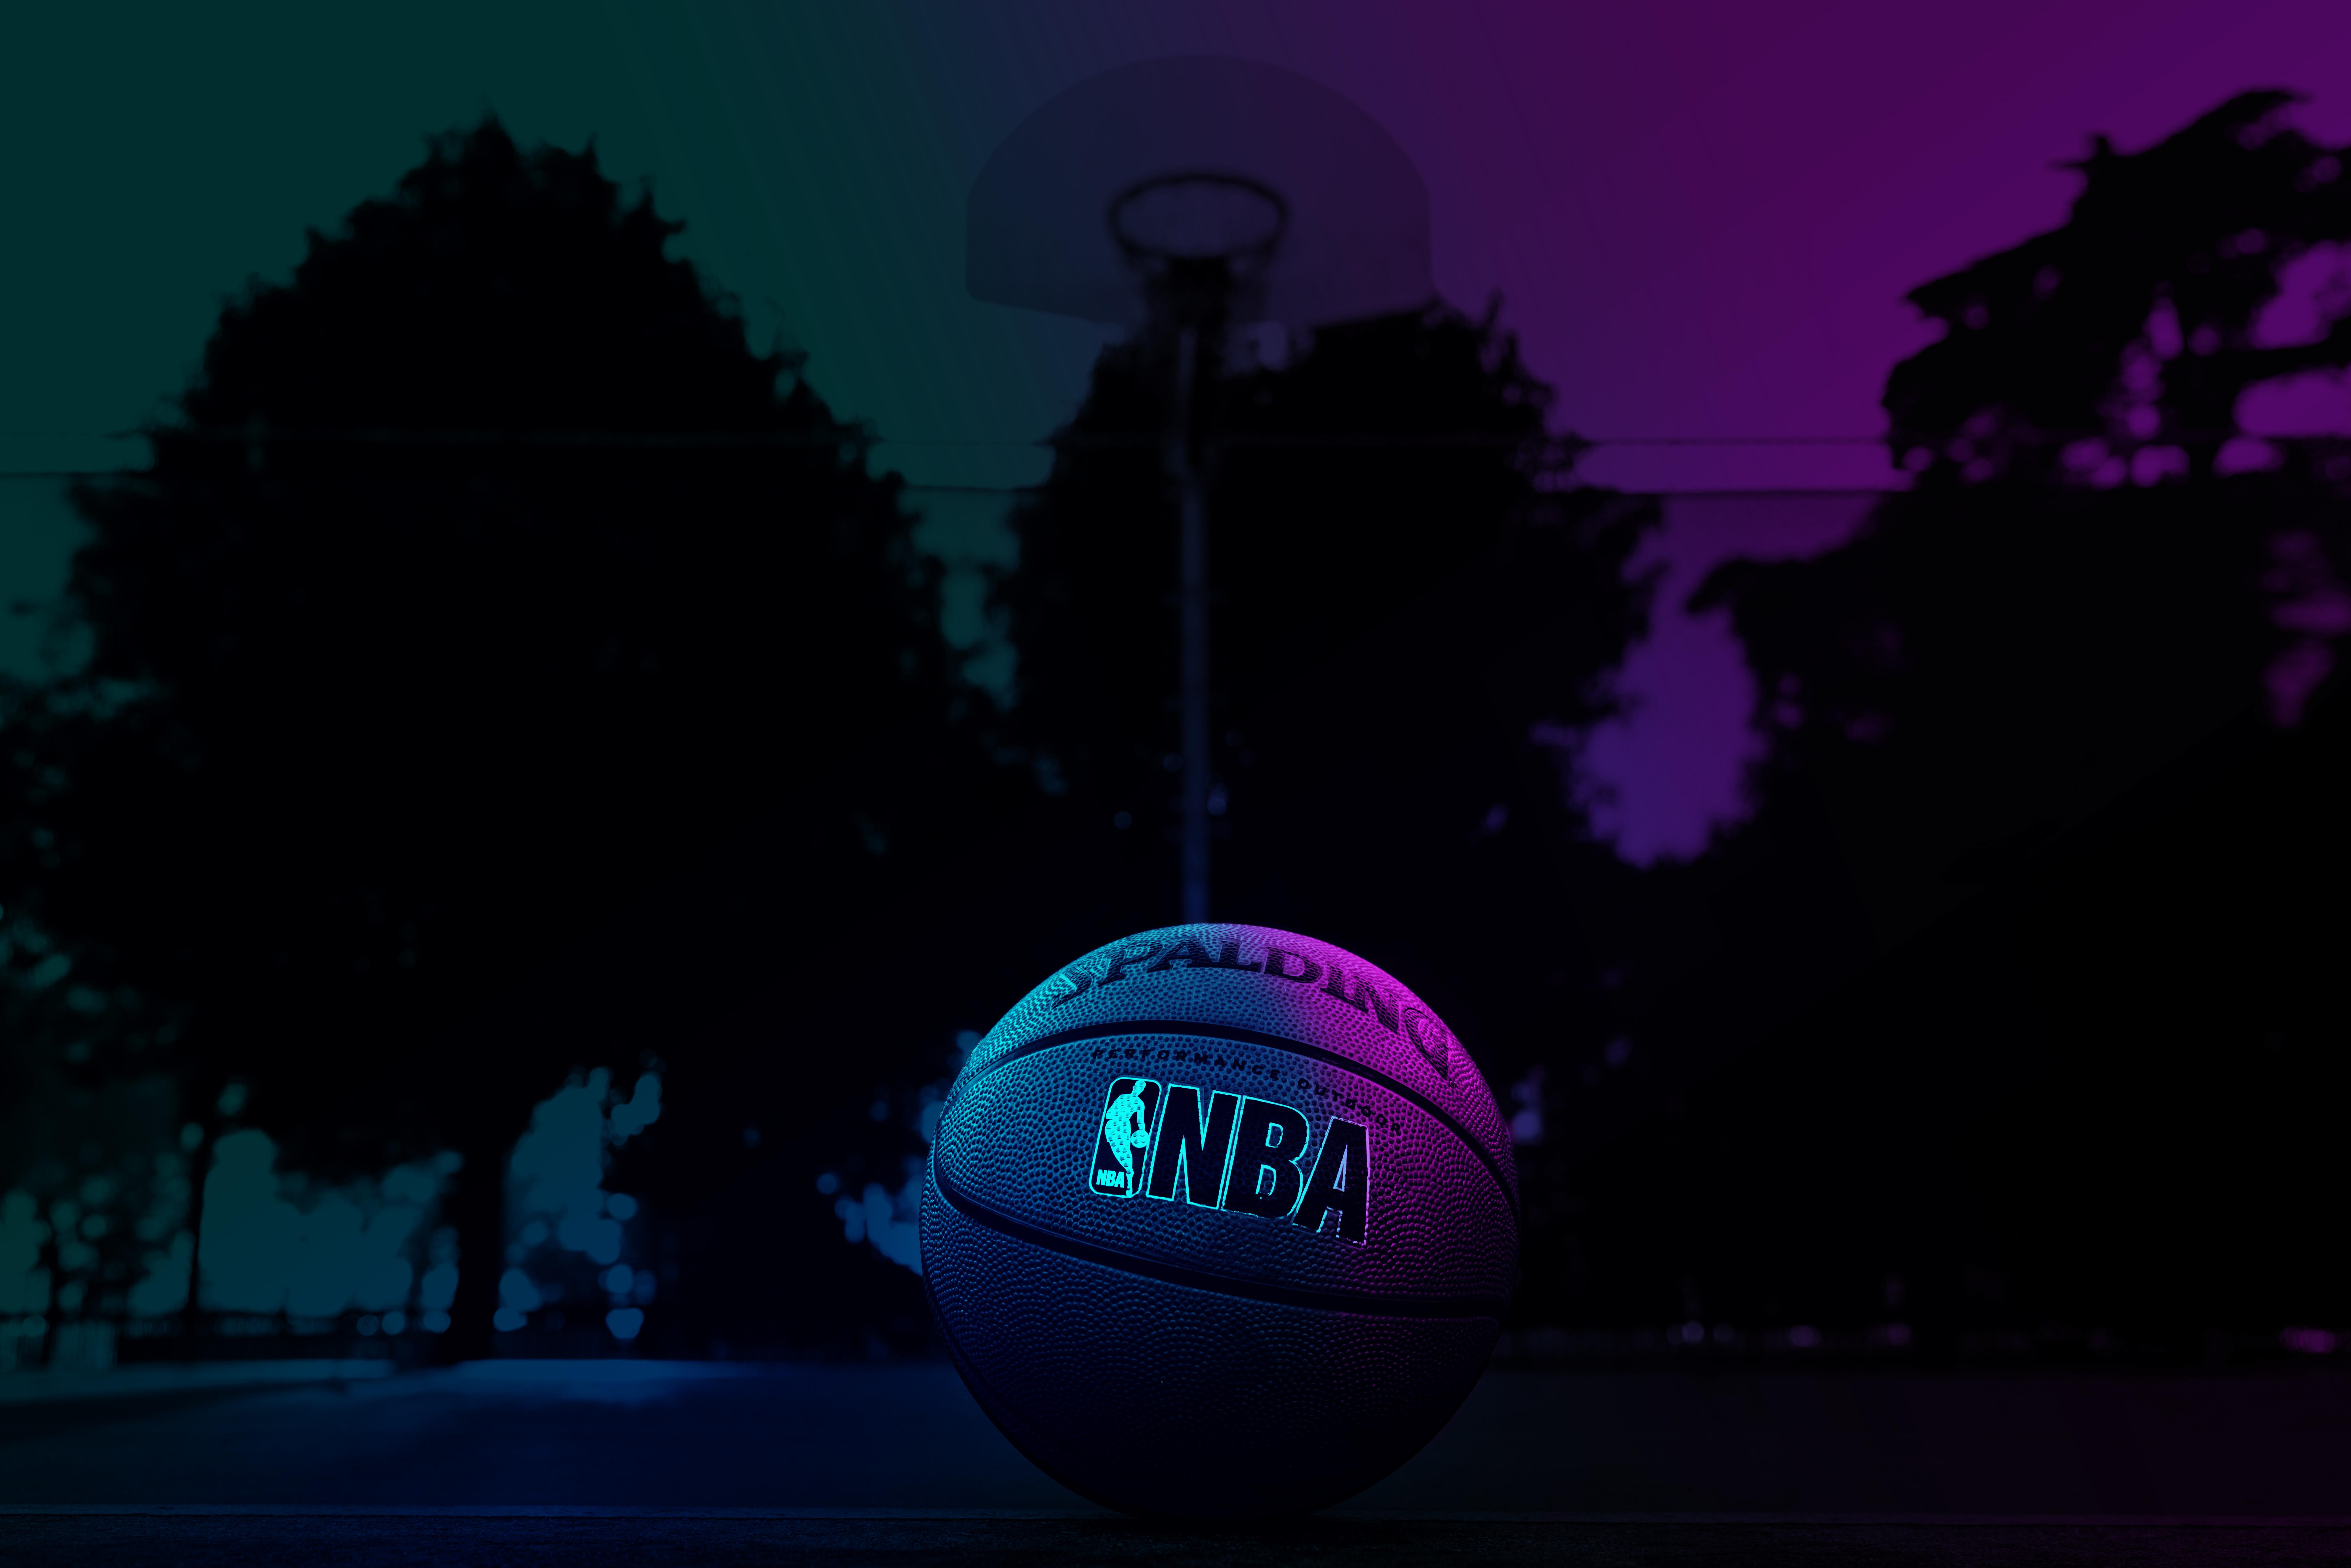 Wallpaper Nba Basketball Sport Neon Pop Art 7952x5304 Yvoictra 1891595 Hd Wallpapers Wallhere